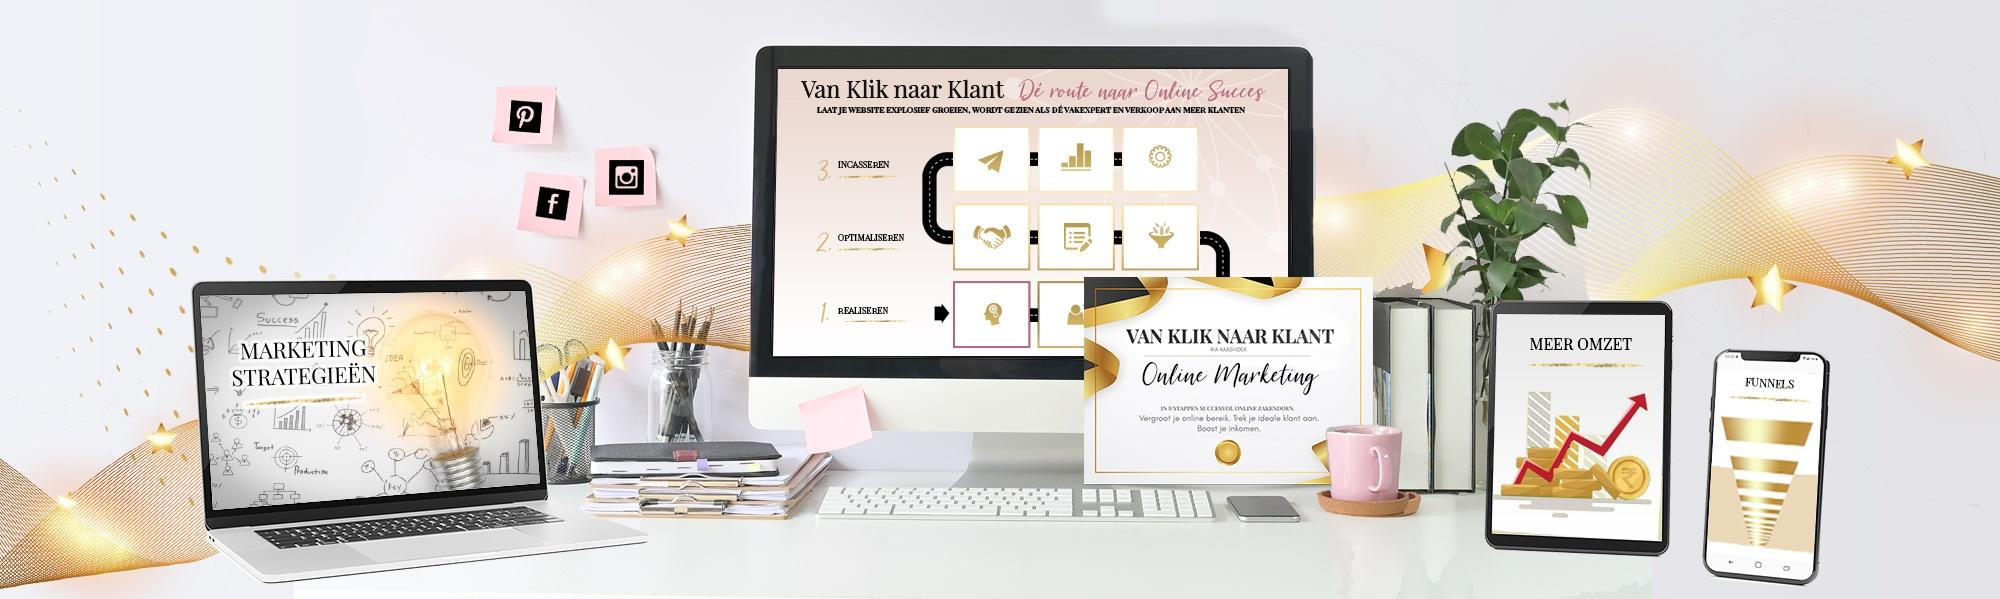 Van Klik naar Klant - Online Marketing Membership